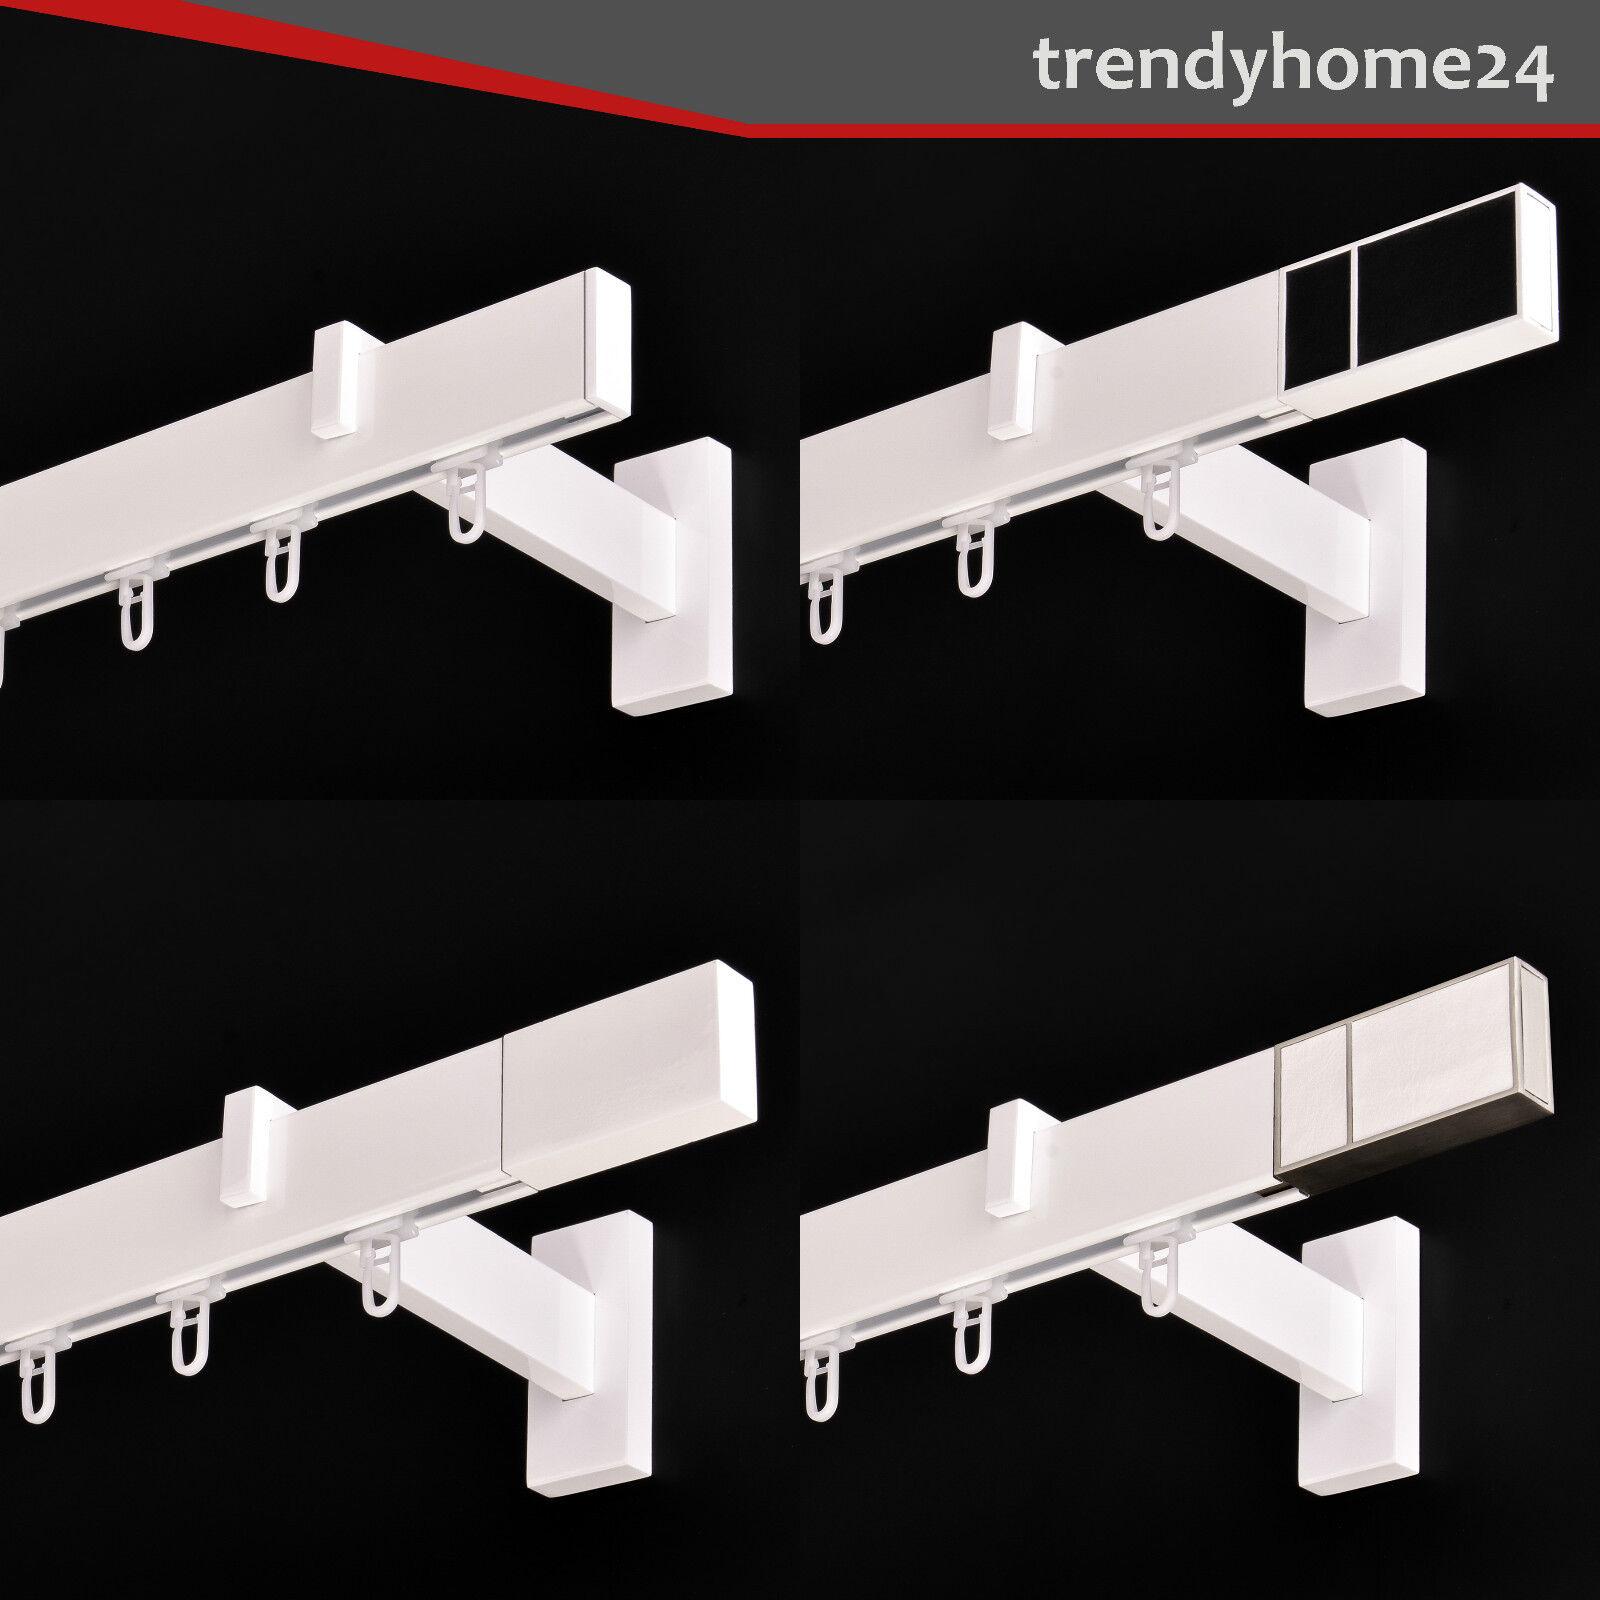 Gardinenstange Innenlauf 34 12mm 1-läufig in Weiß-Glänzend Aluminium (158)  | Up-to-date-styling